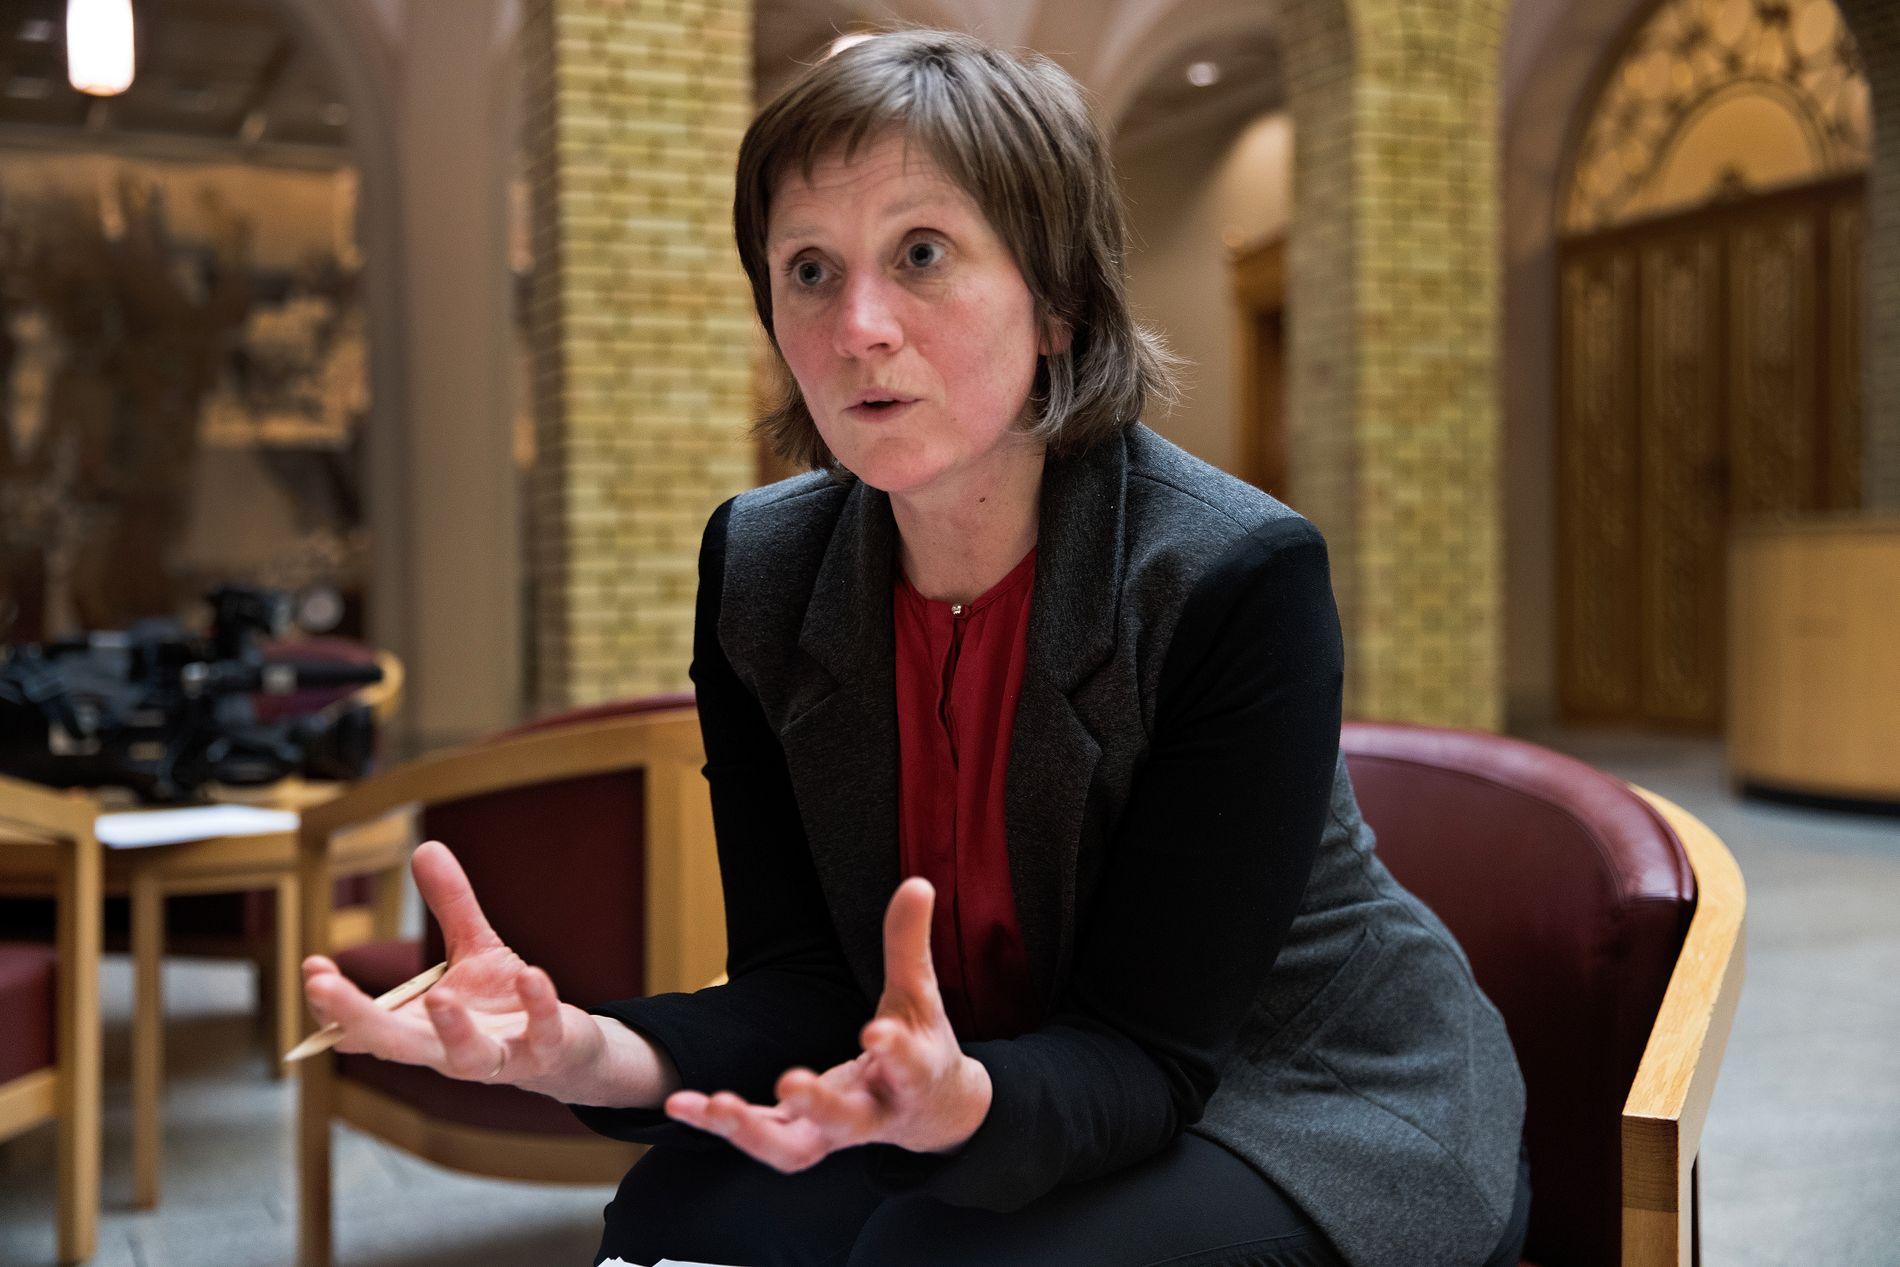 ALVORLIG: Helsepolitiker Kjersti Toppe i Senterpartiet sier de vil be helseminister Bent Høie om å redegjøre for legemiddelmangel-situasjonen i Stortinget.